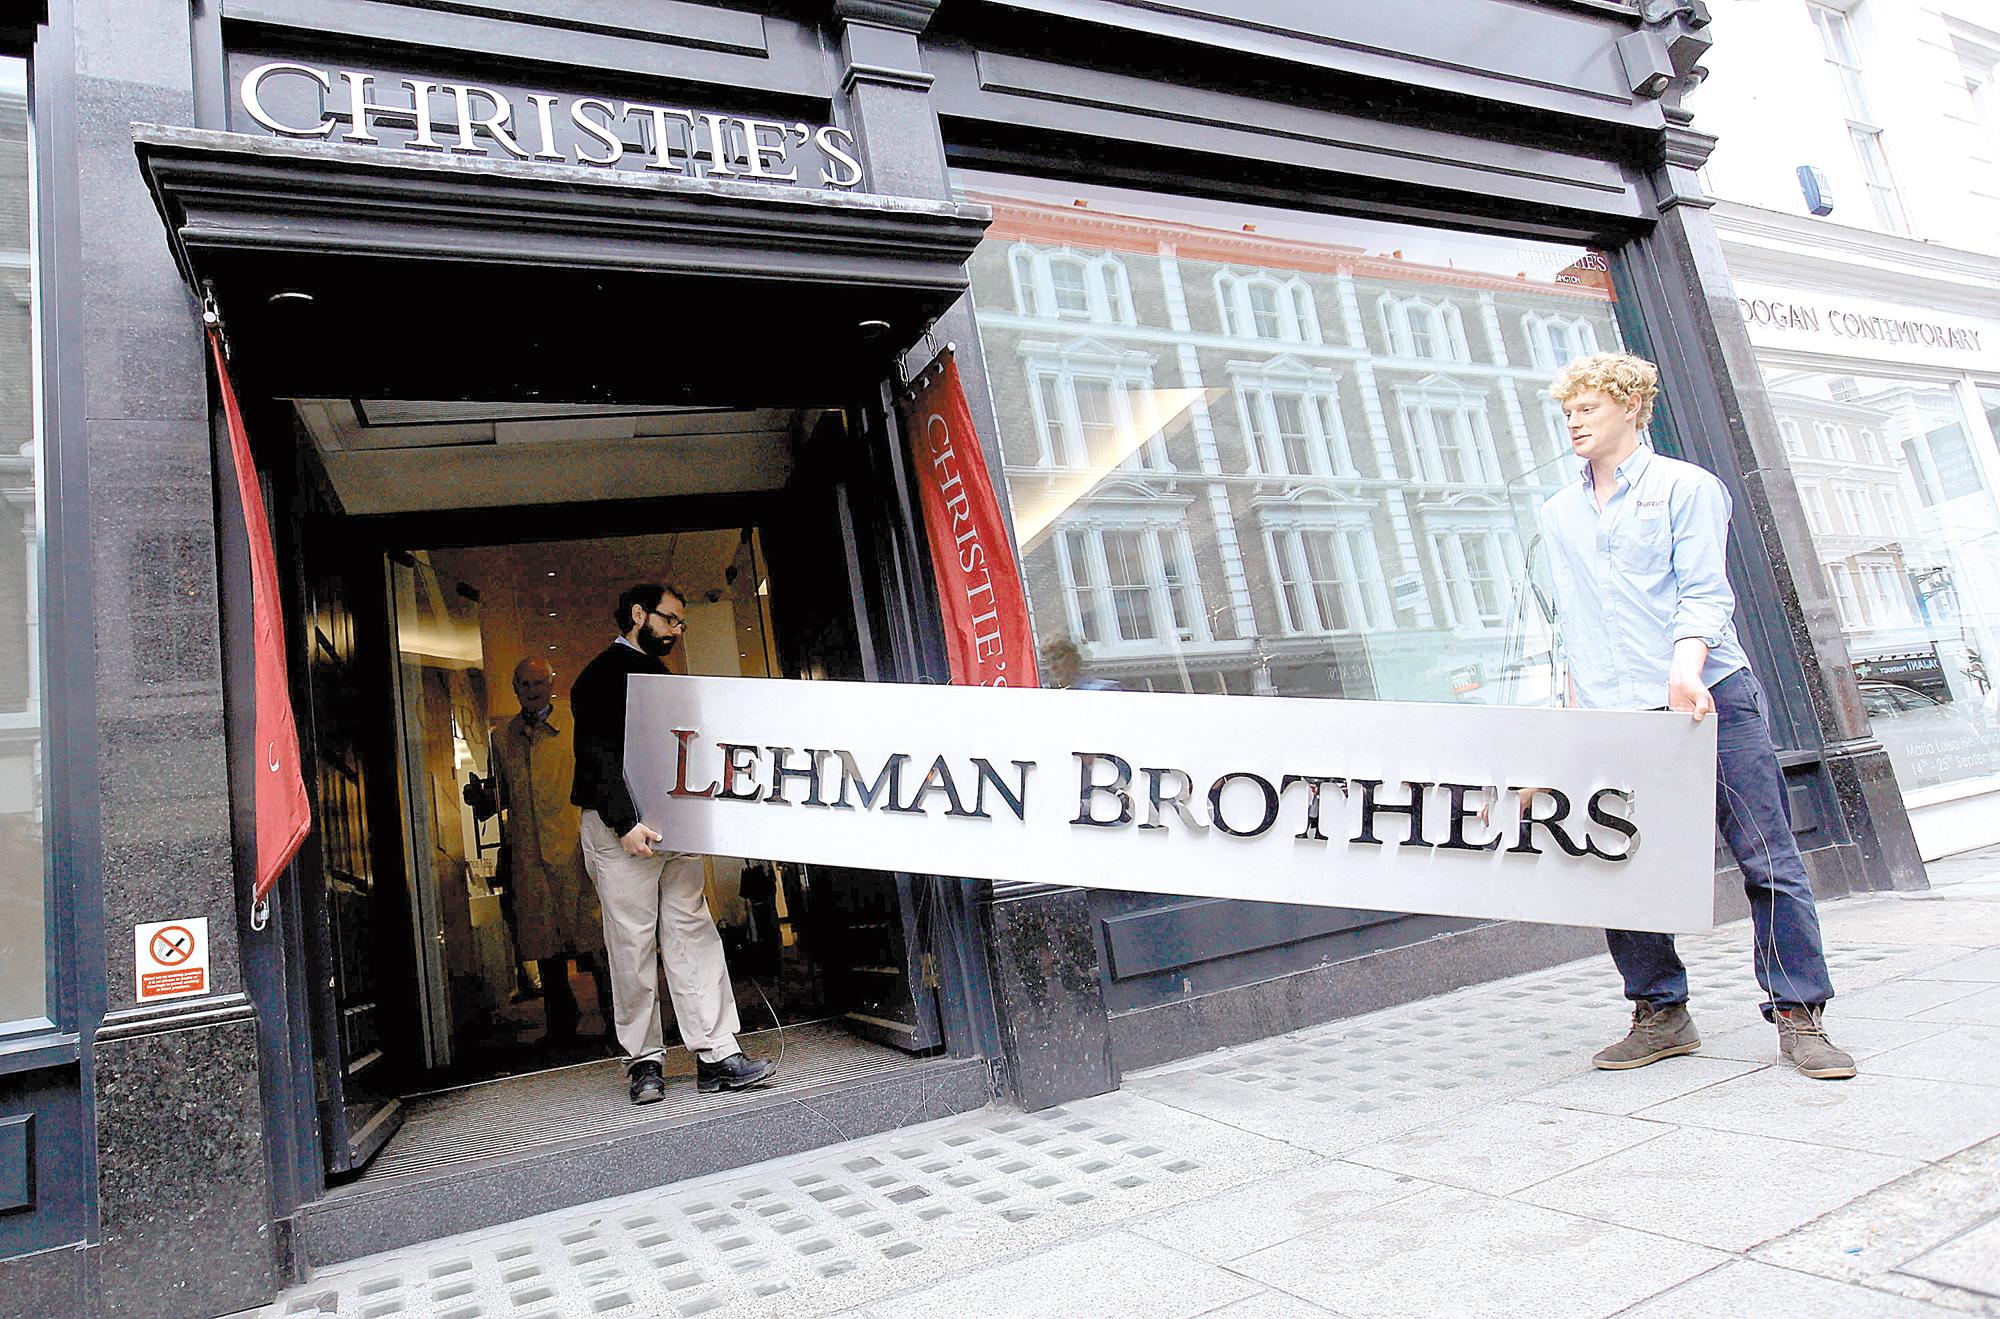 10 ani de la criză. Cum a fost atunci, ce am pierdut, ce am câştigat? Andrei Caramitru: La o lună de la căderea Lehman am făcut o analiză care arăta că PIB-ul României va scădea cu 10-12 % în 2-3 ani şi m-am dus la şefii de bănci de la Bucureşti. Toţi au zis că suntem nebuni. Toţi erau într-o negare totală